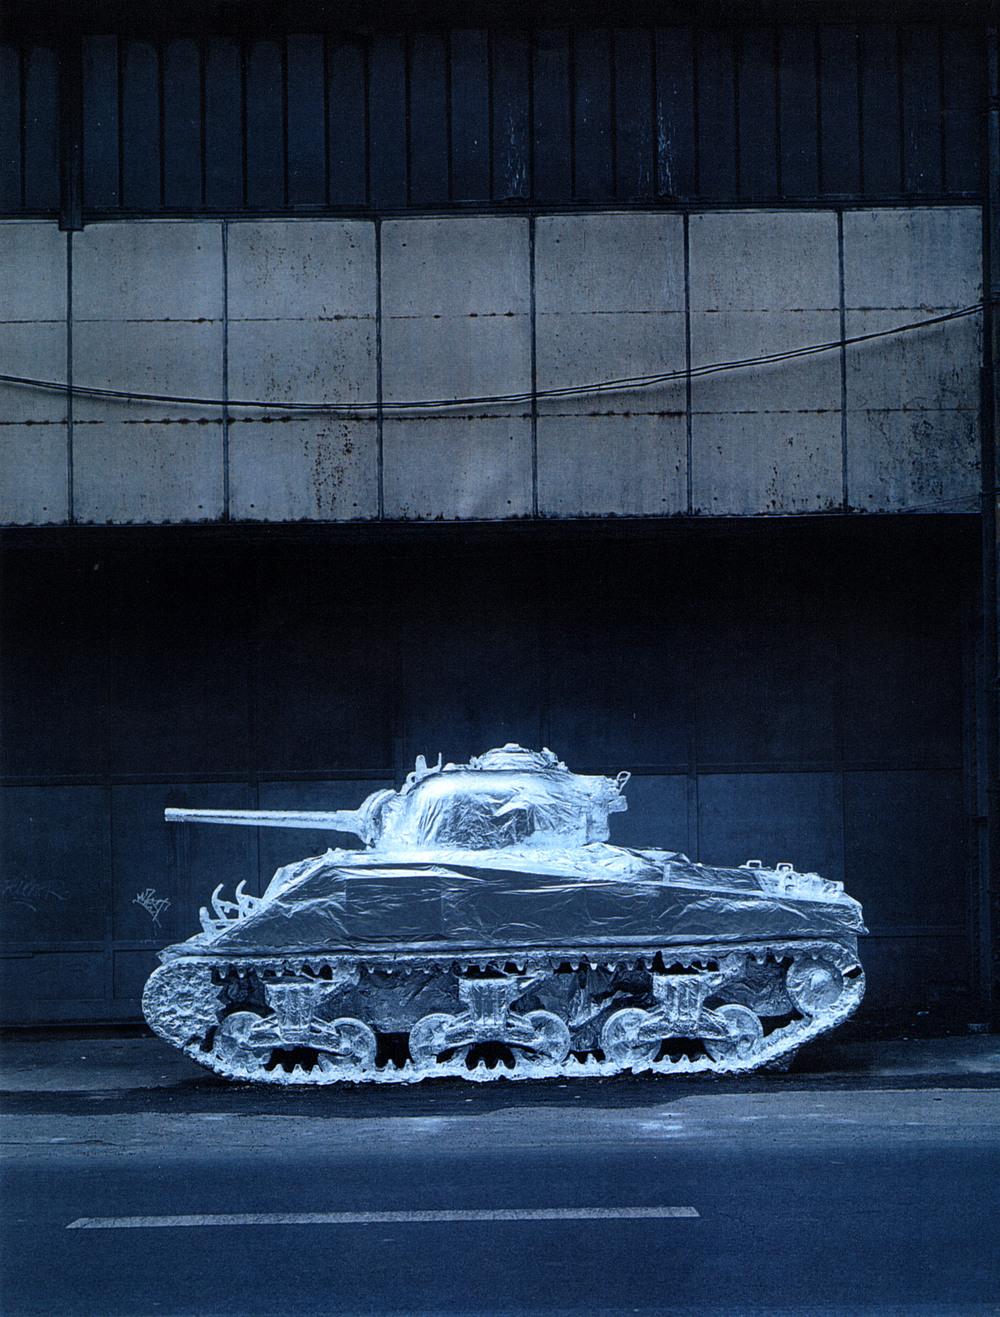 Silver tank